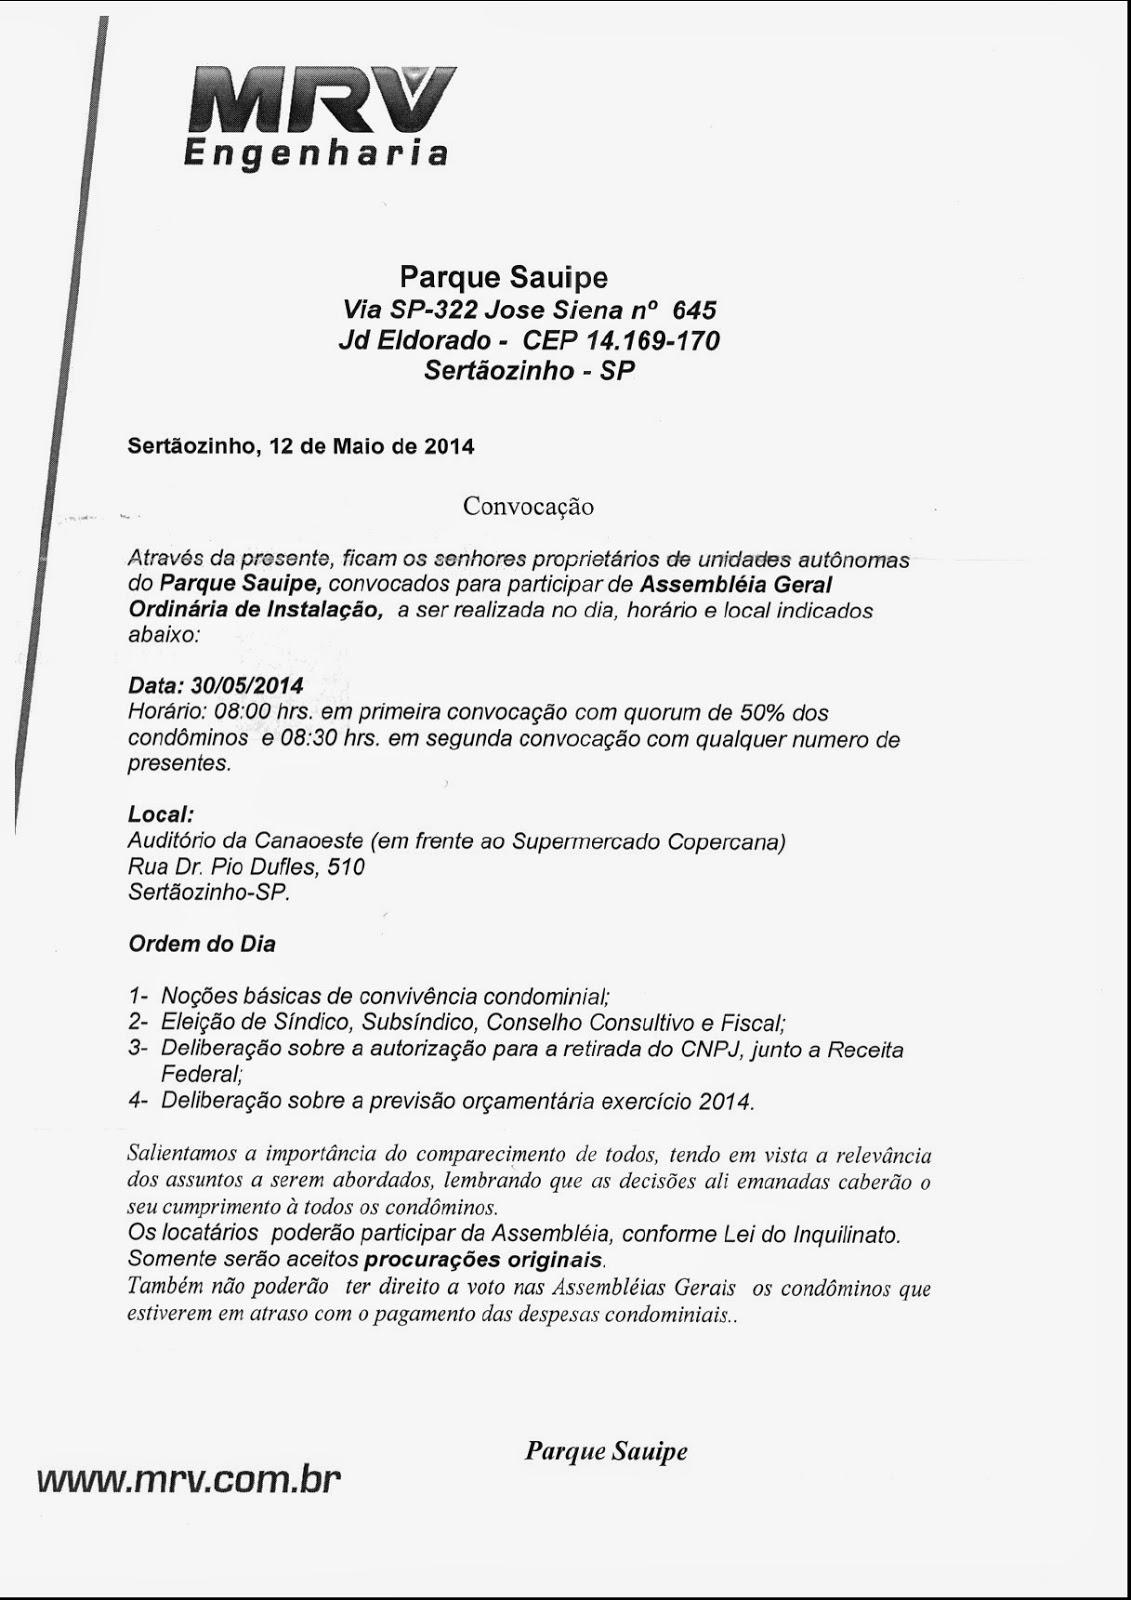 #3C3C3C Fazendo Nosso APÊ: Parque Sauipe AGENDADA IMPLANTAÇÃO DE  1131x1600 px planta hidraulica banheiro mrv